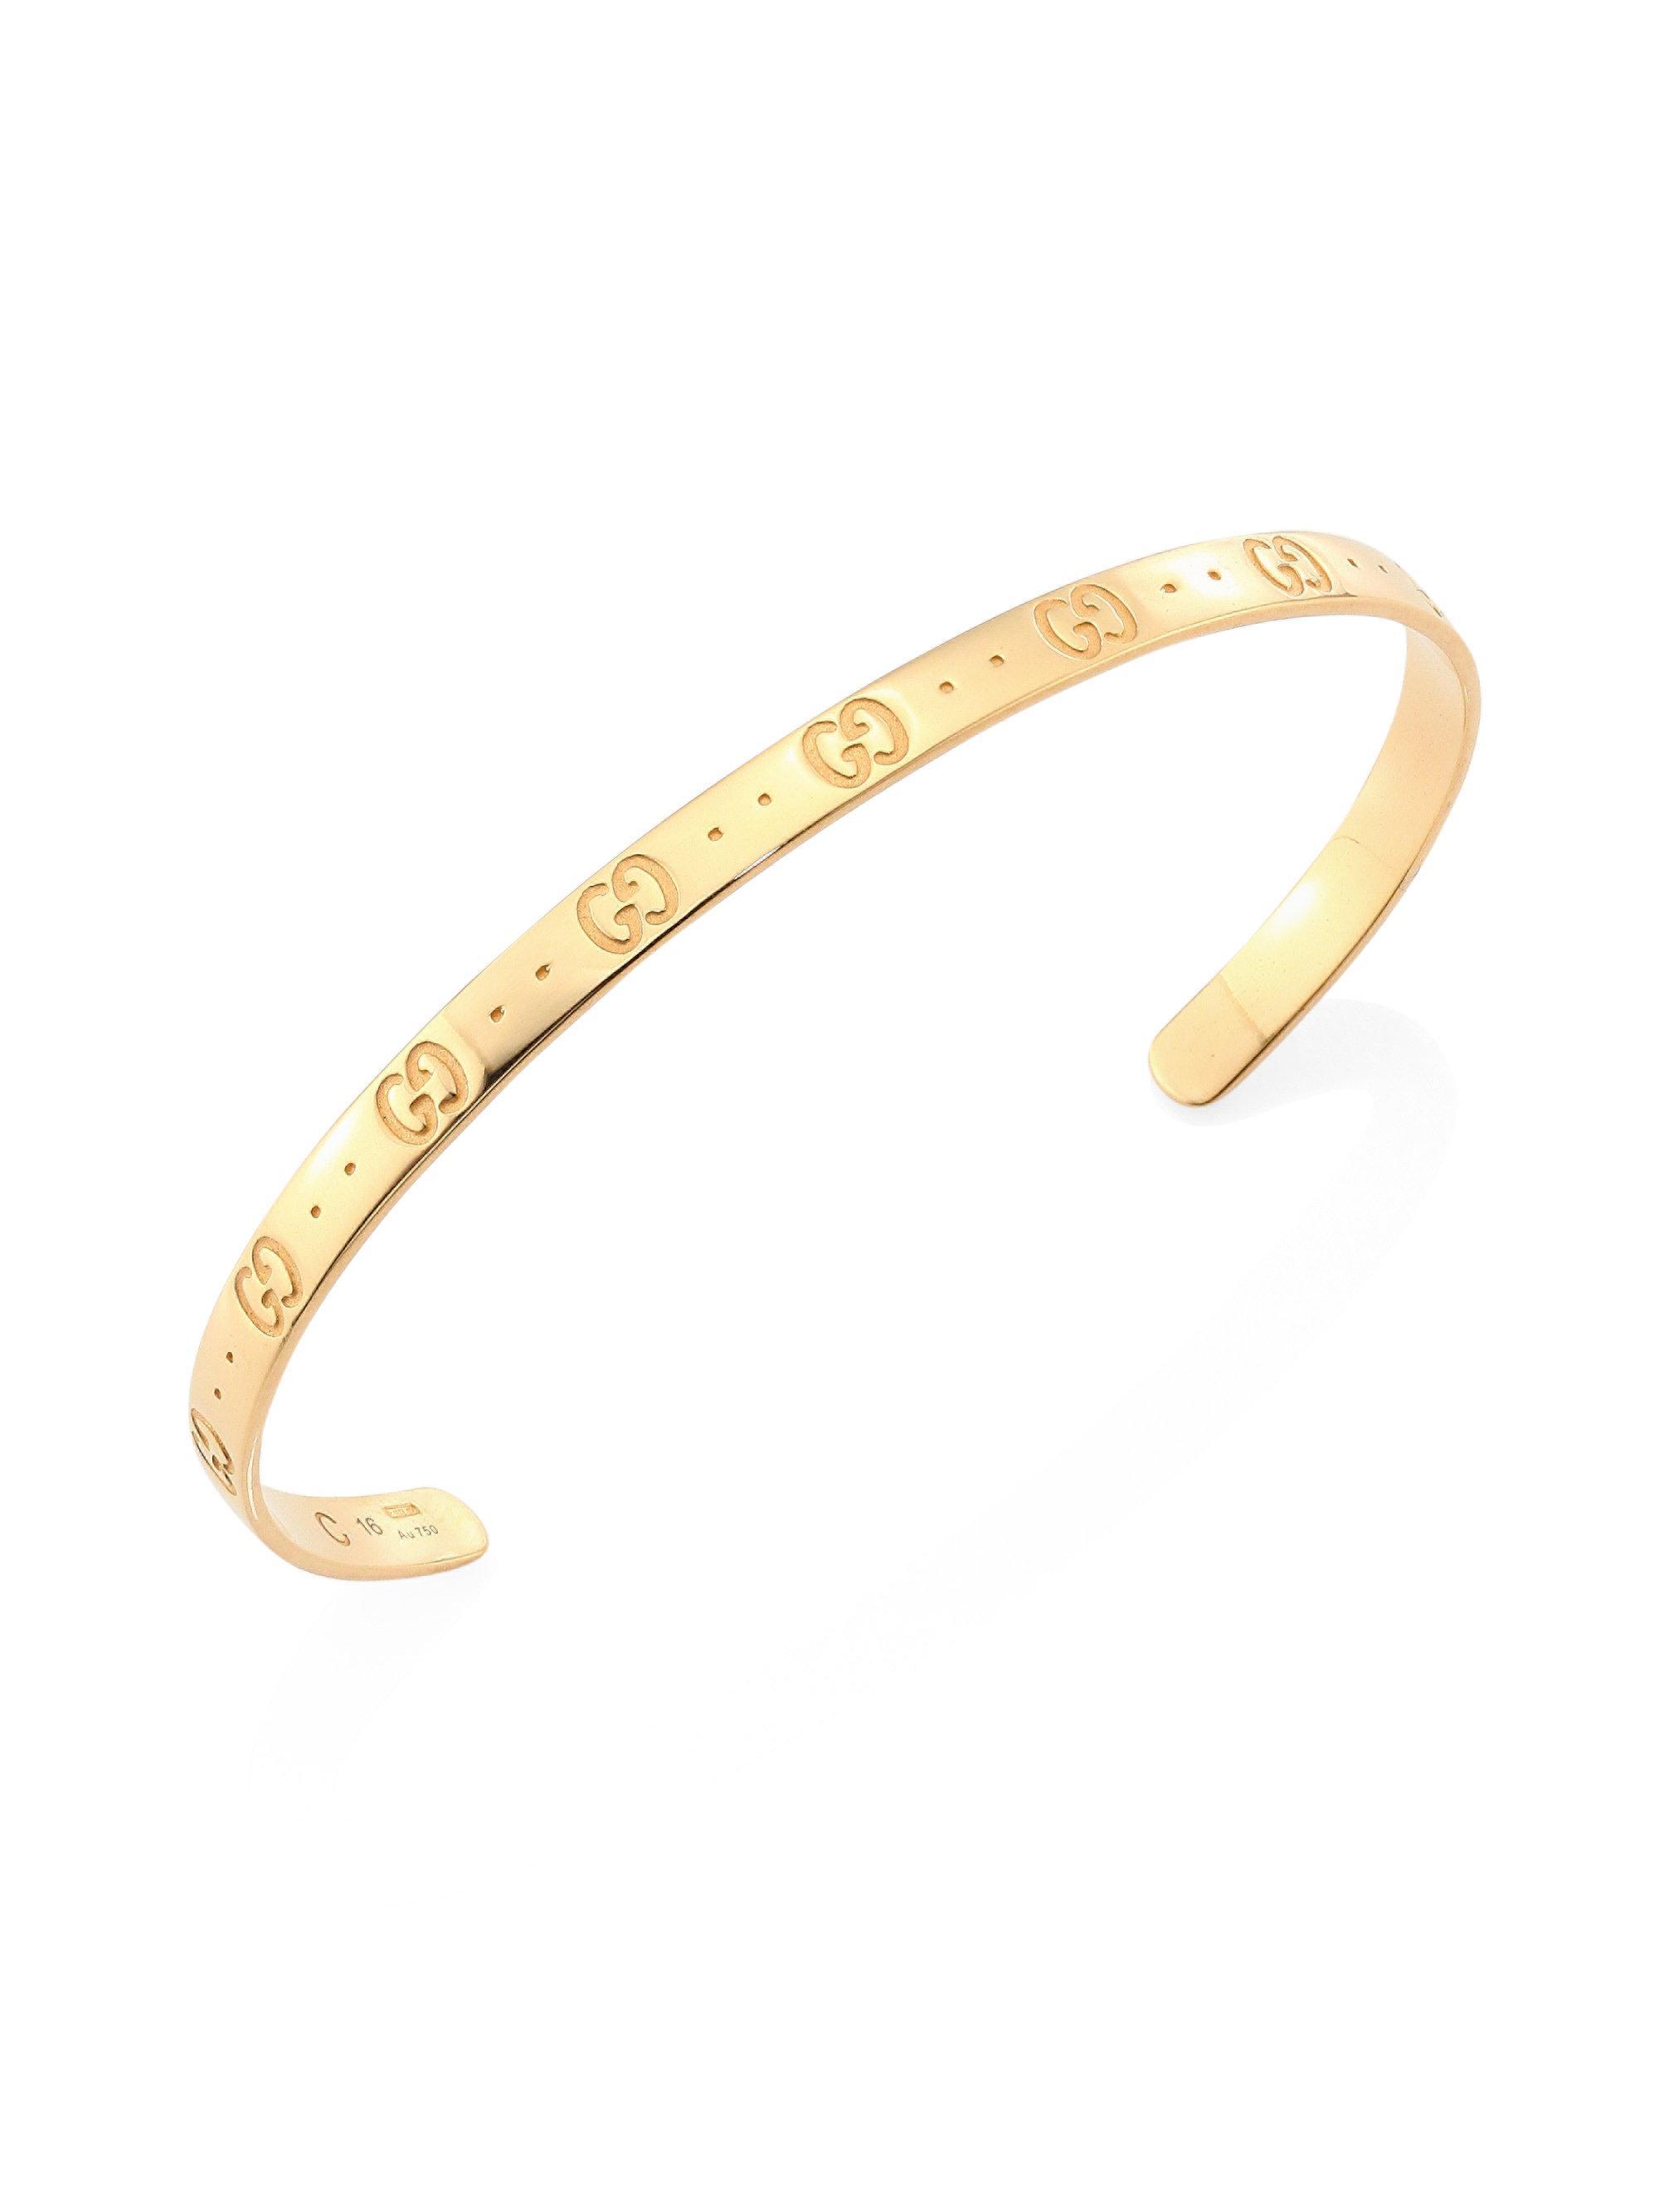 Gucci Women S Metallic Icon 18k Yellow Gold Bangle Bracelet